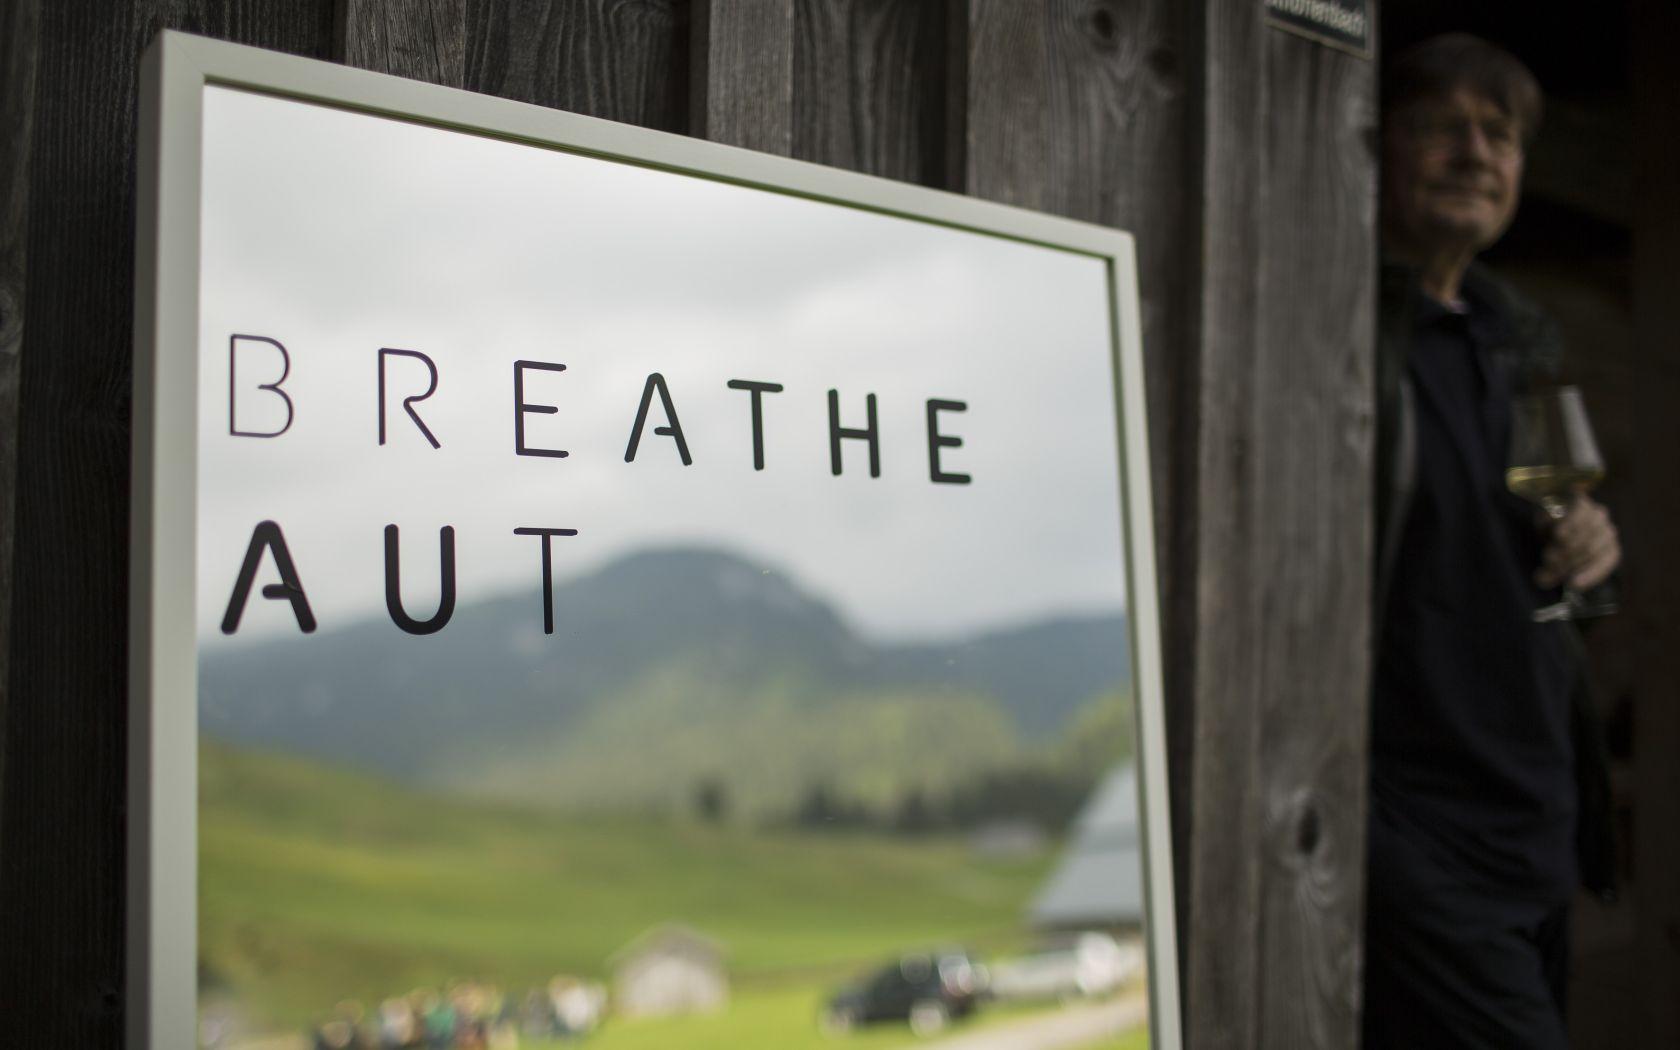 Breathe AUT